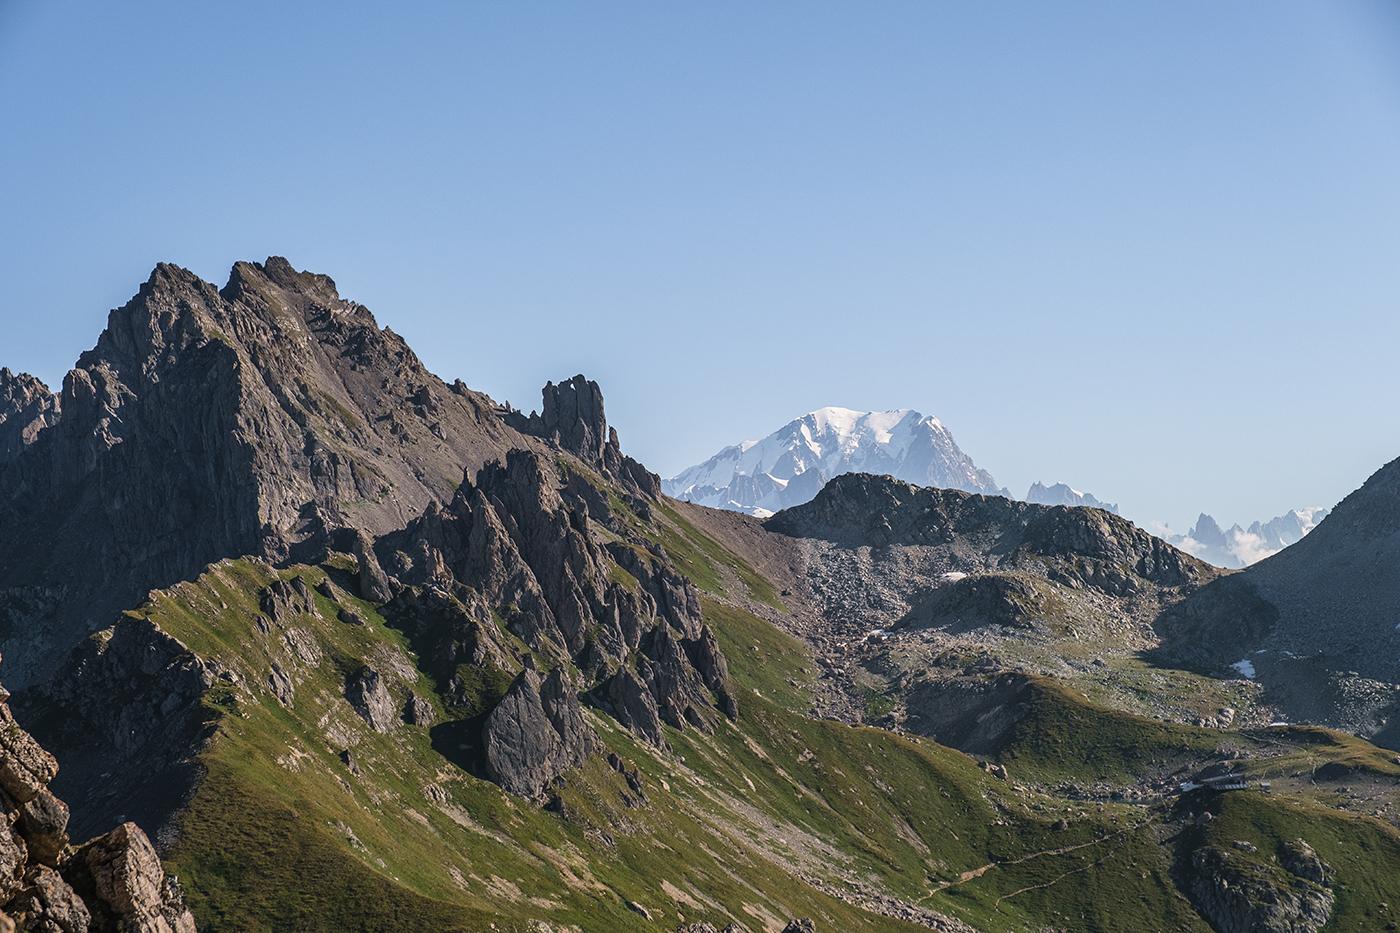 Vue sur le Mont Blanc depuis Pierra Menta